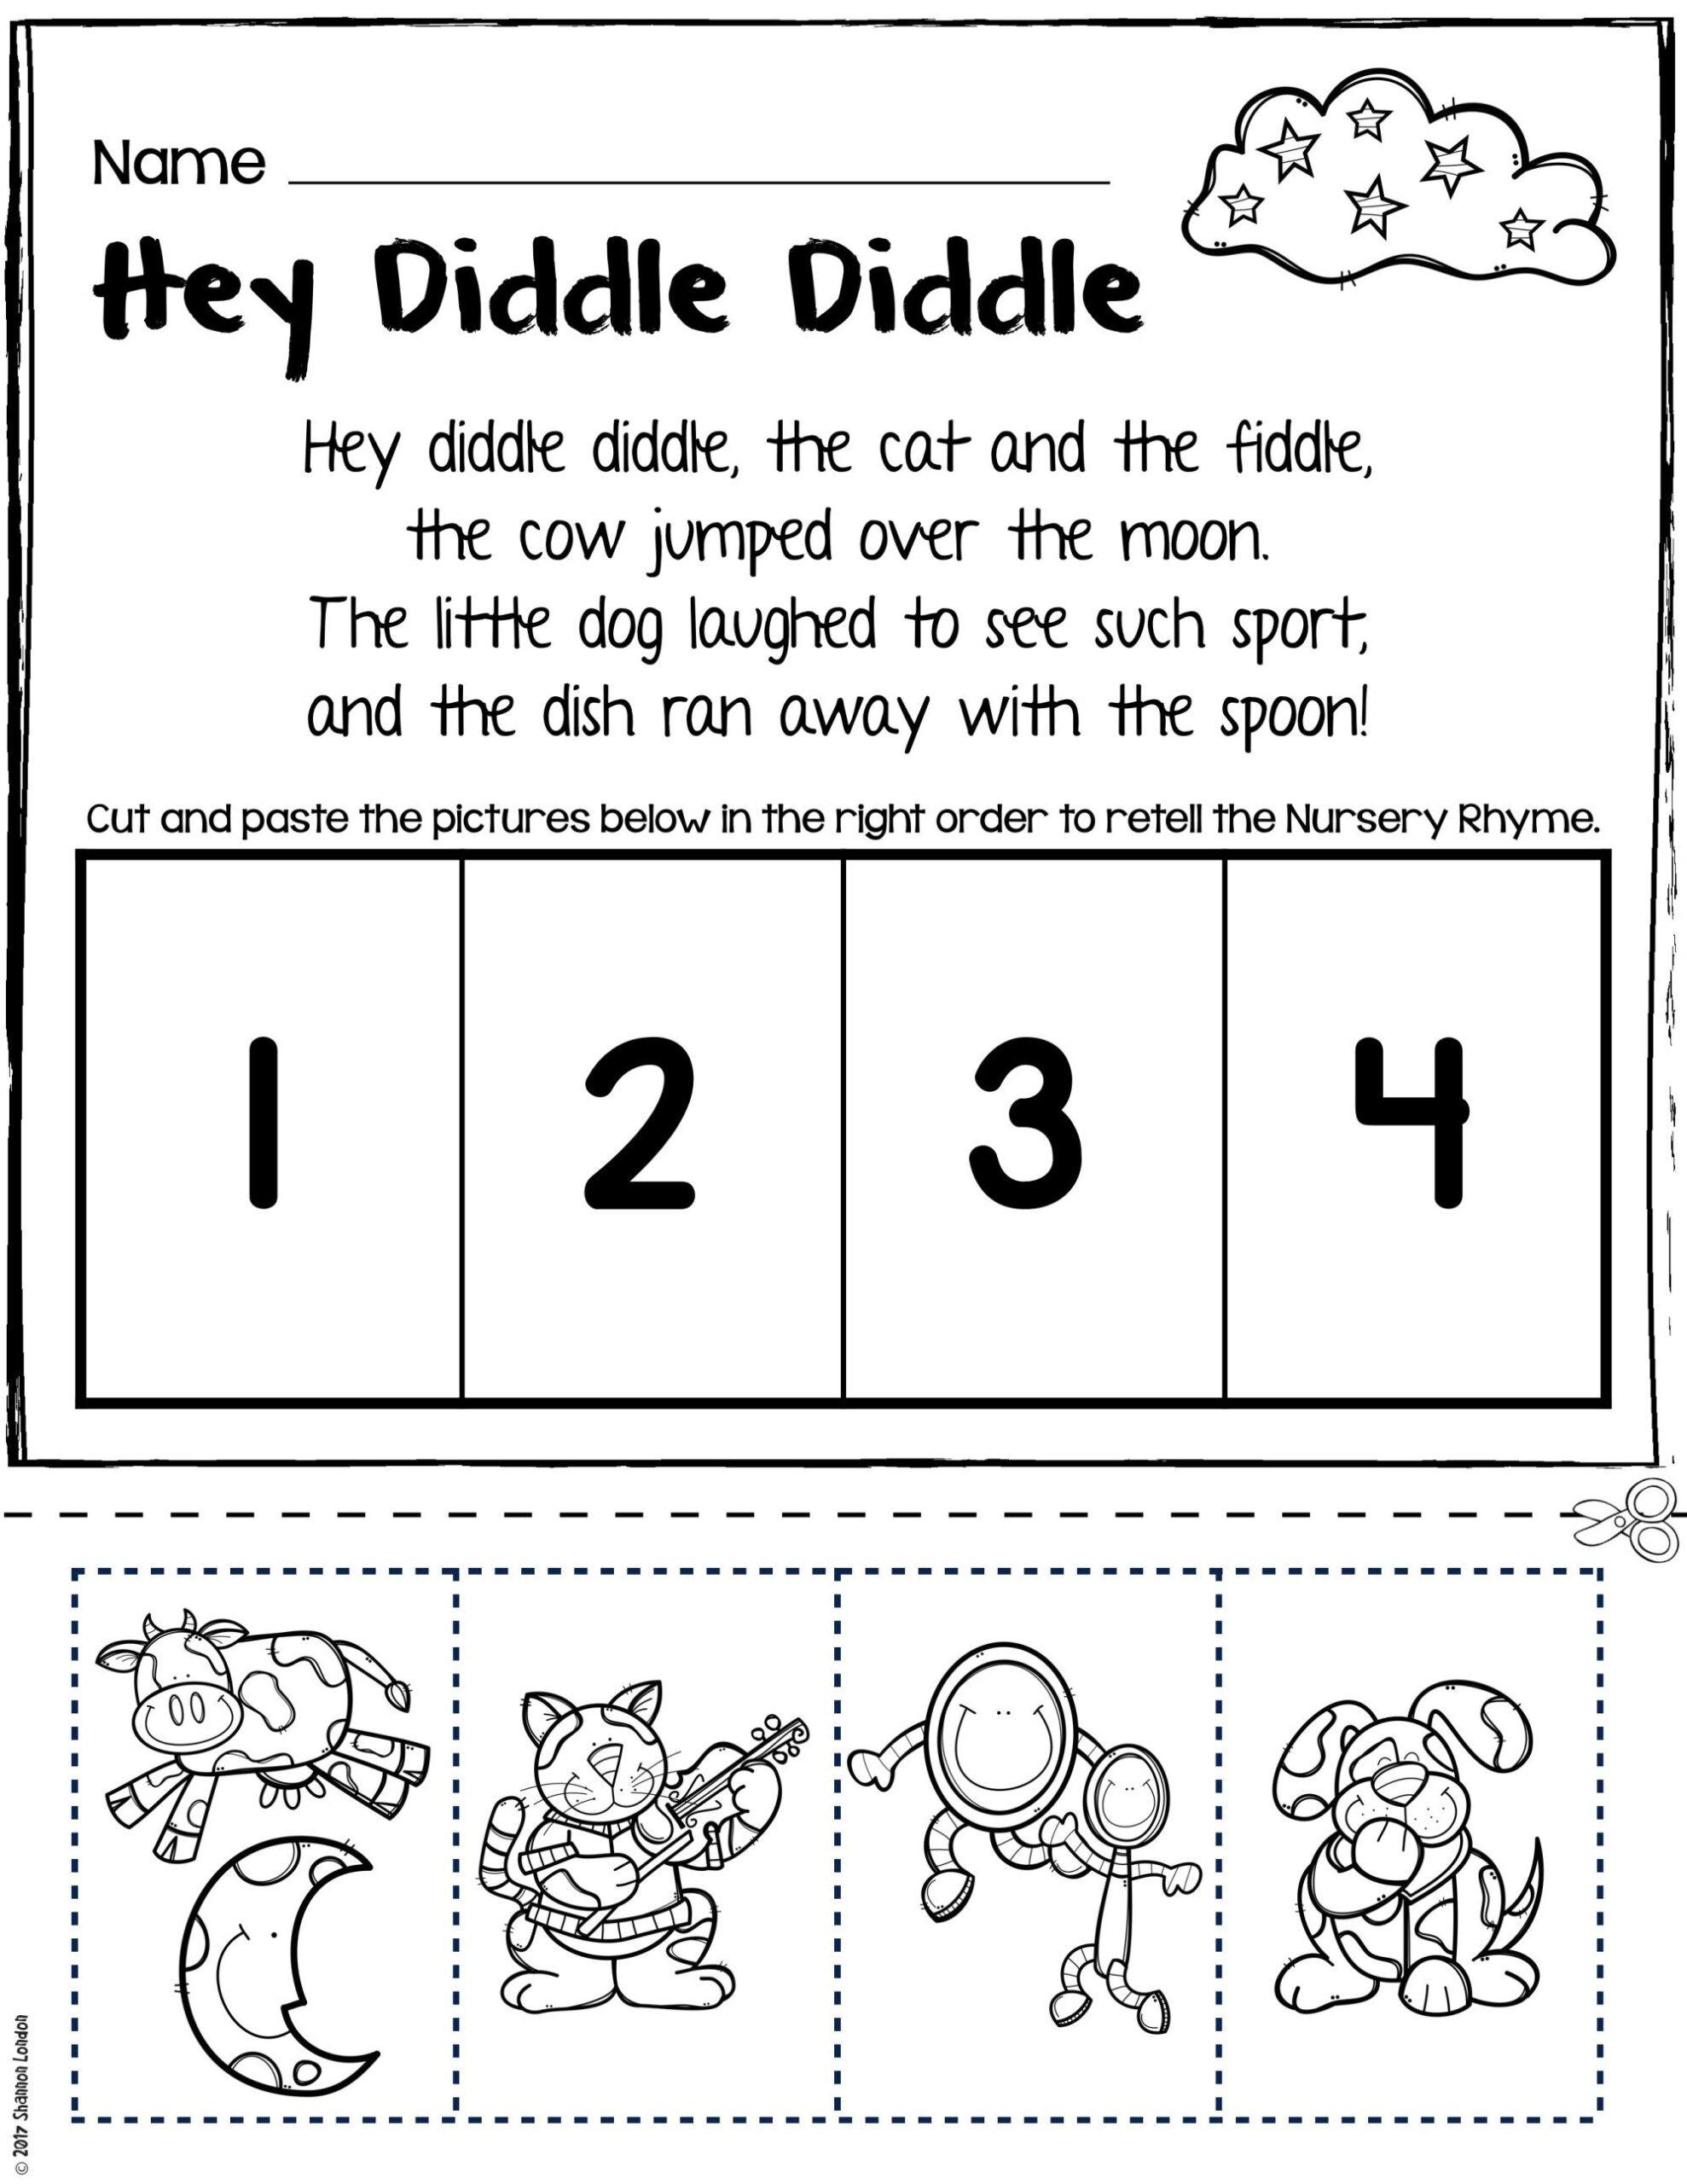 nursery rhymes worksheets for story retelling practice free rhyming preschool maths help sheets scaled